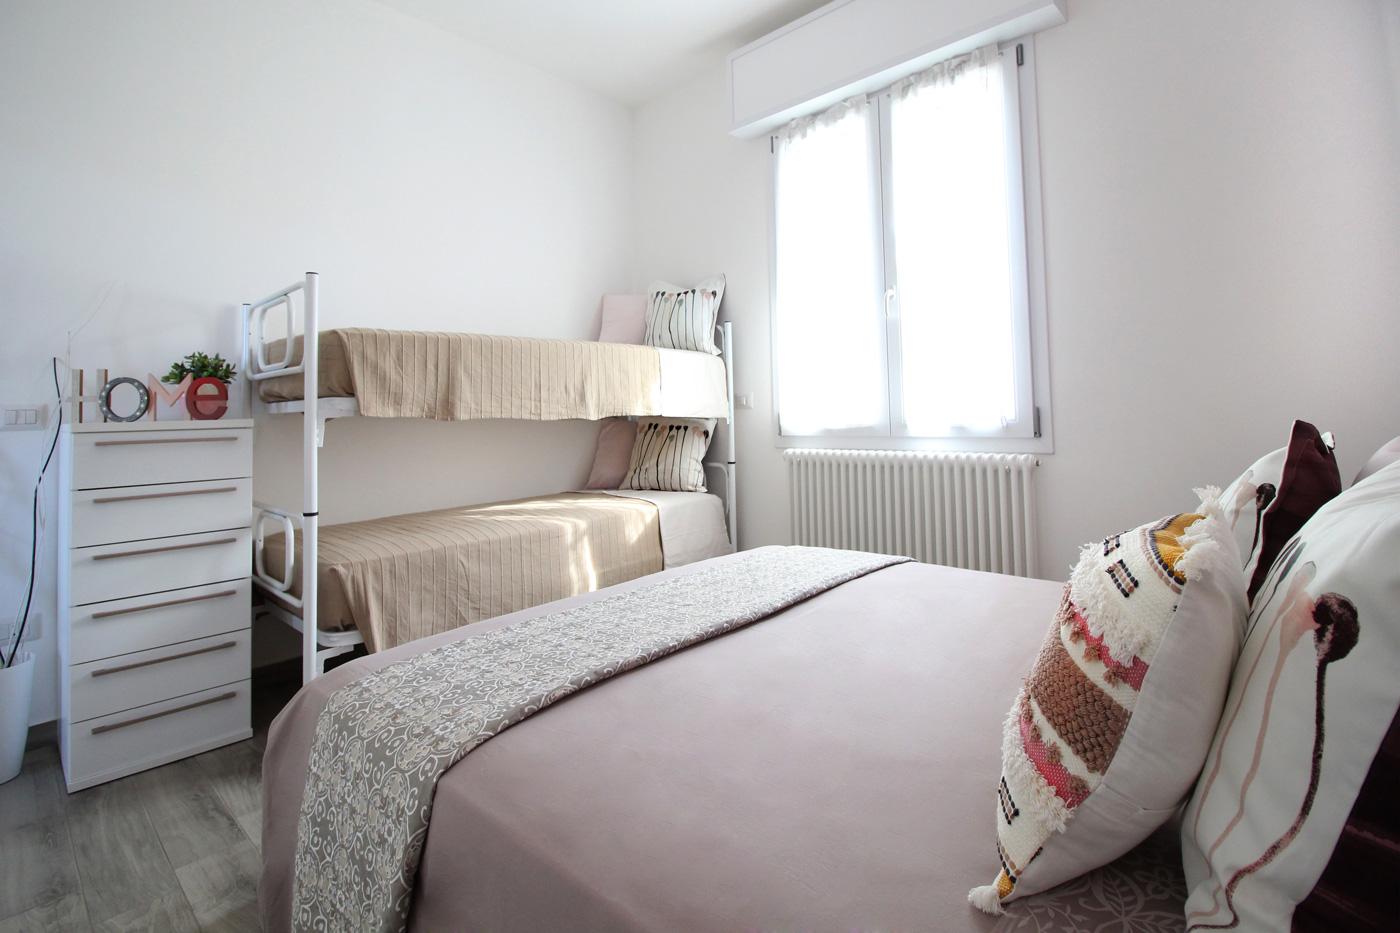 Appartamento Licia_Romagna case vacanze_IMG_7431